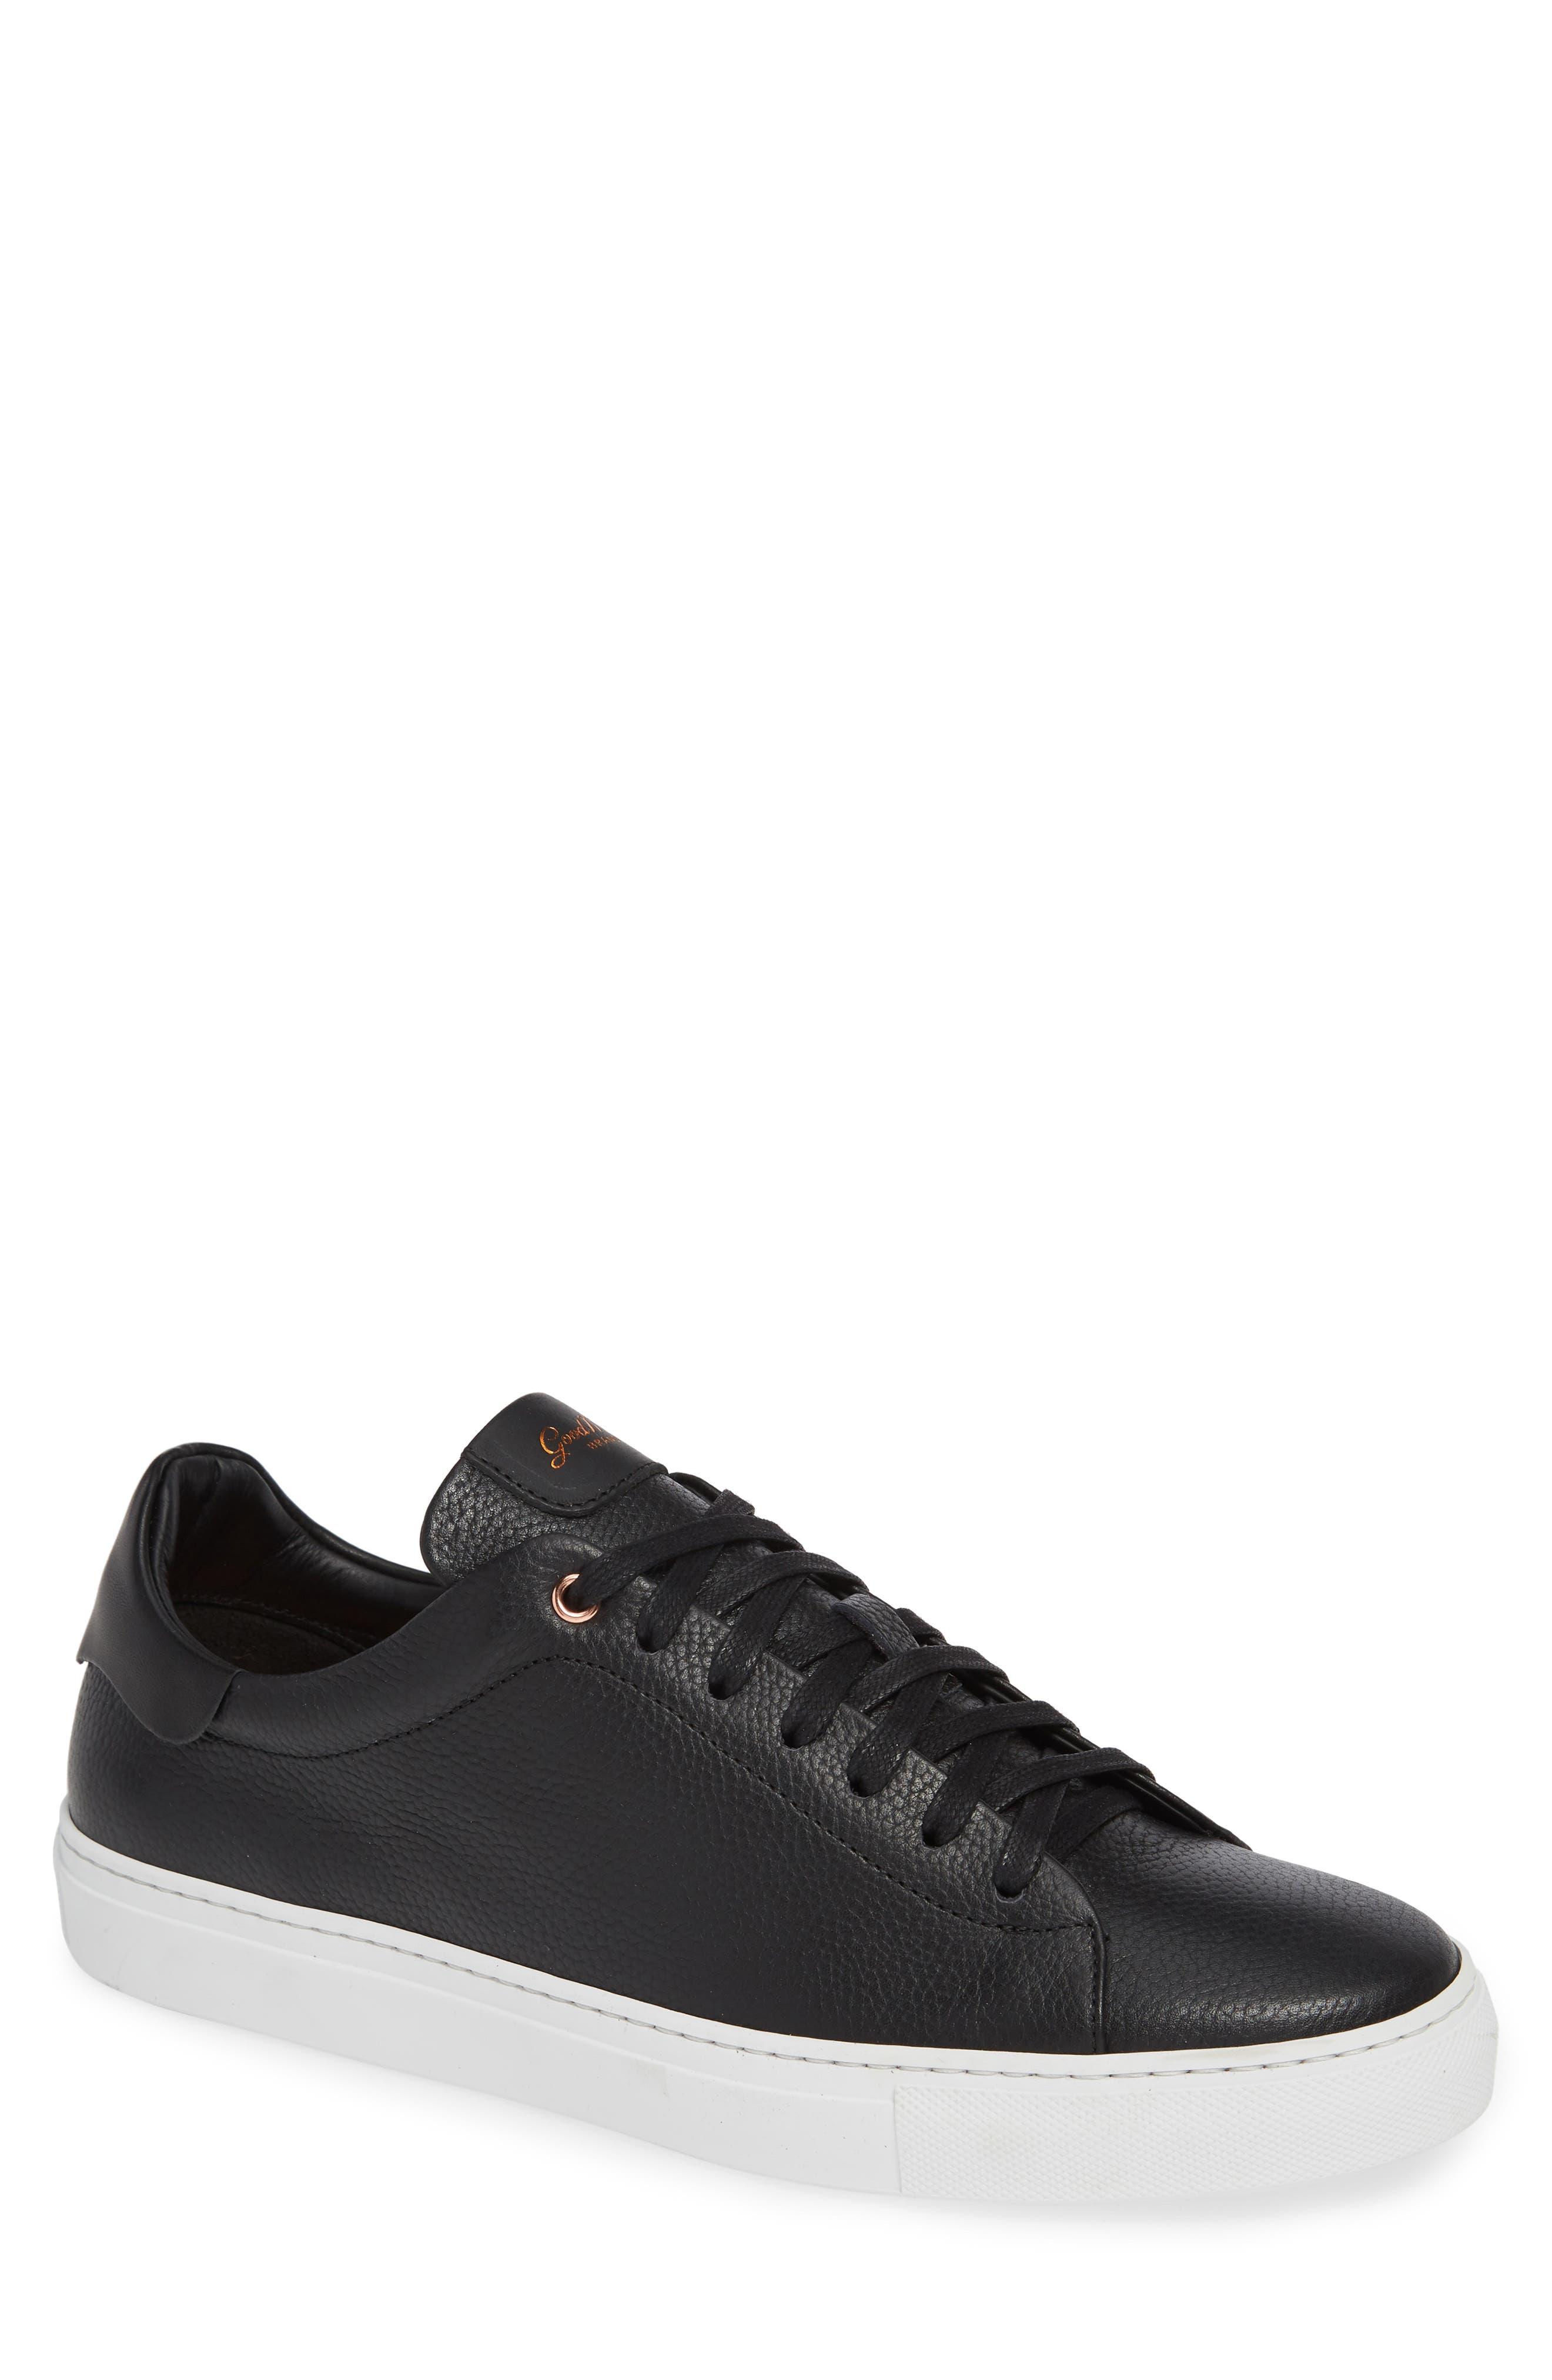 Legend Low Top Sneaker,                             Main thumbnail 1, color,                             BLACK PEBBLE LEATHER